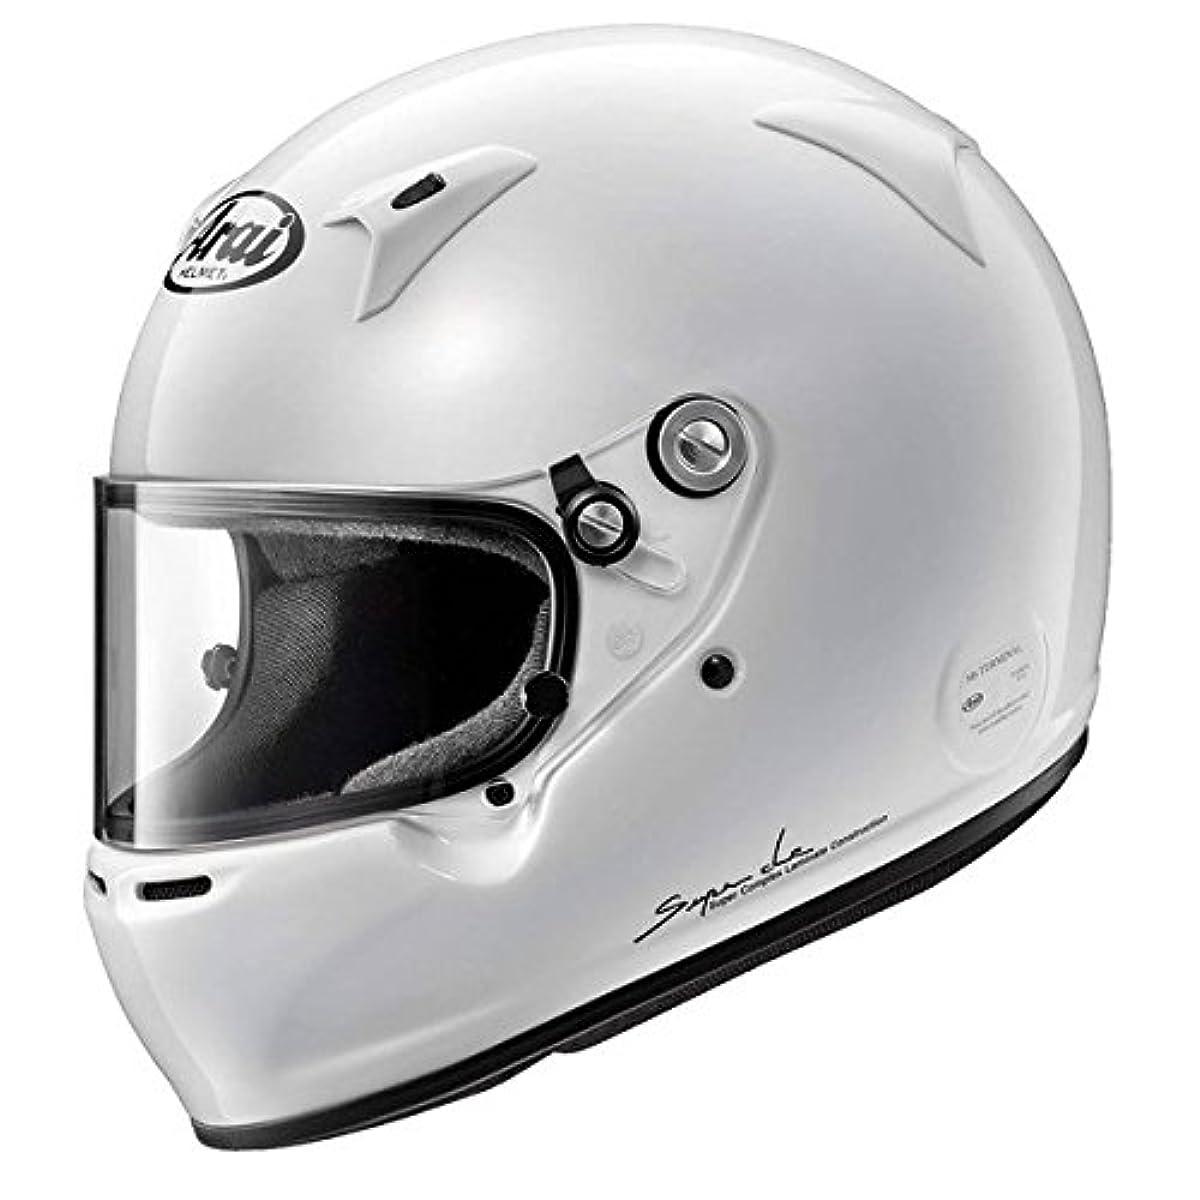 [해외] 아라이(ARAI 아라이 헬멧) 헬멧【GP-5W】(8859실리즈) 클로즈드 카 전용(4 큐빅스톤아가 경기용) 54㎝(XS) GP-5W-8859-XS